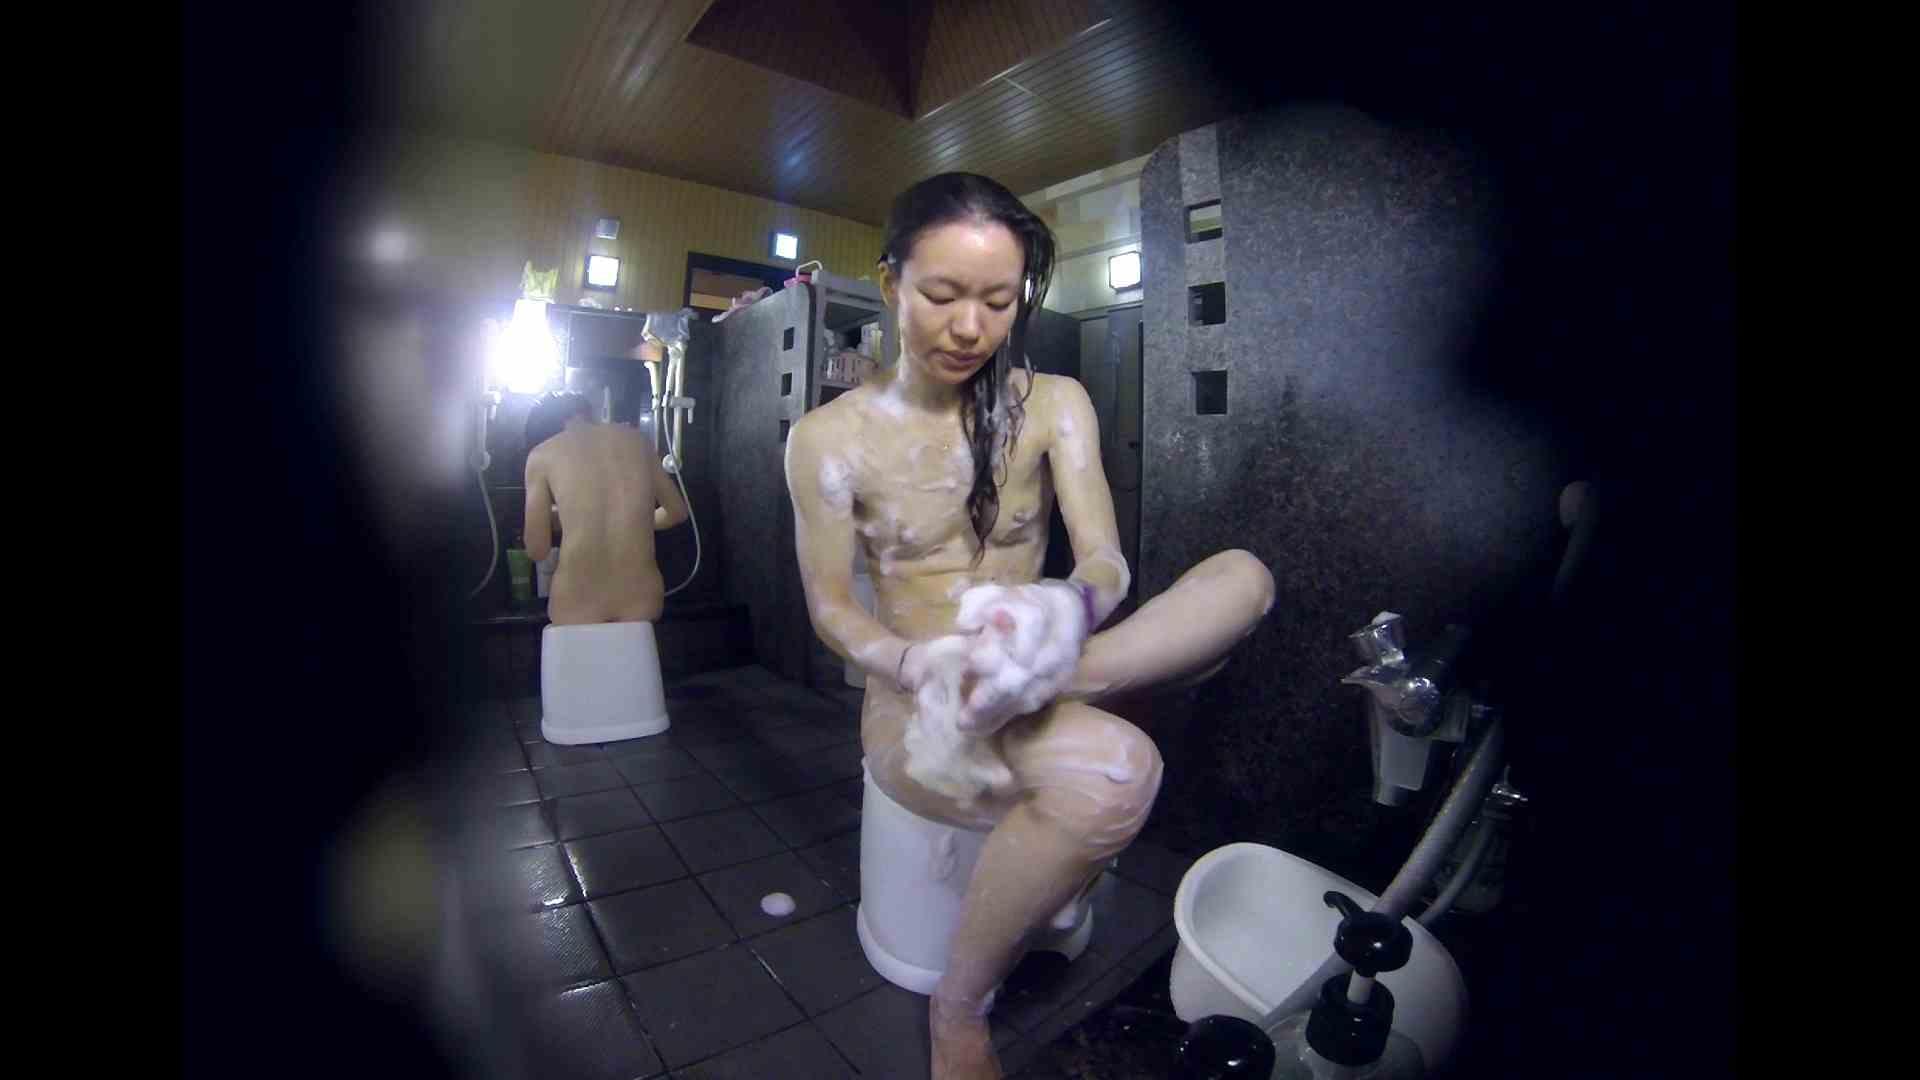 洗い場!可愛い?ブサイク?確かなのは貧乳であること 女湯 セックス画像 61画像 39